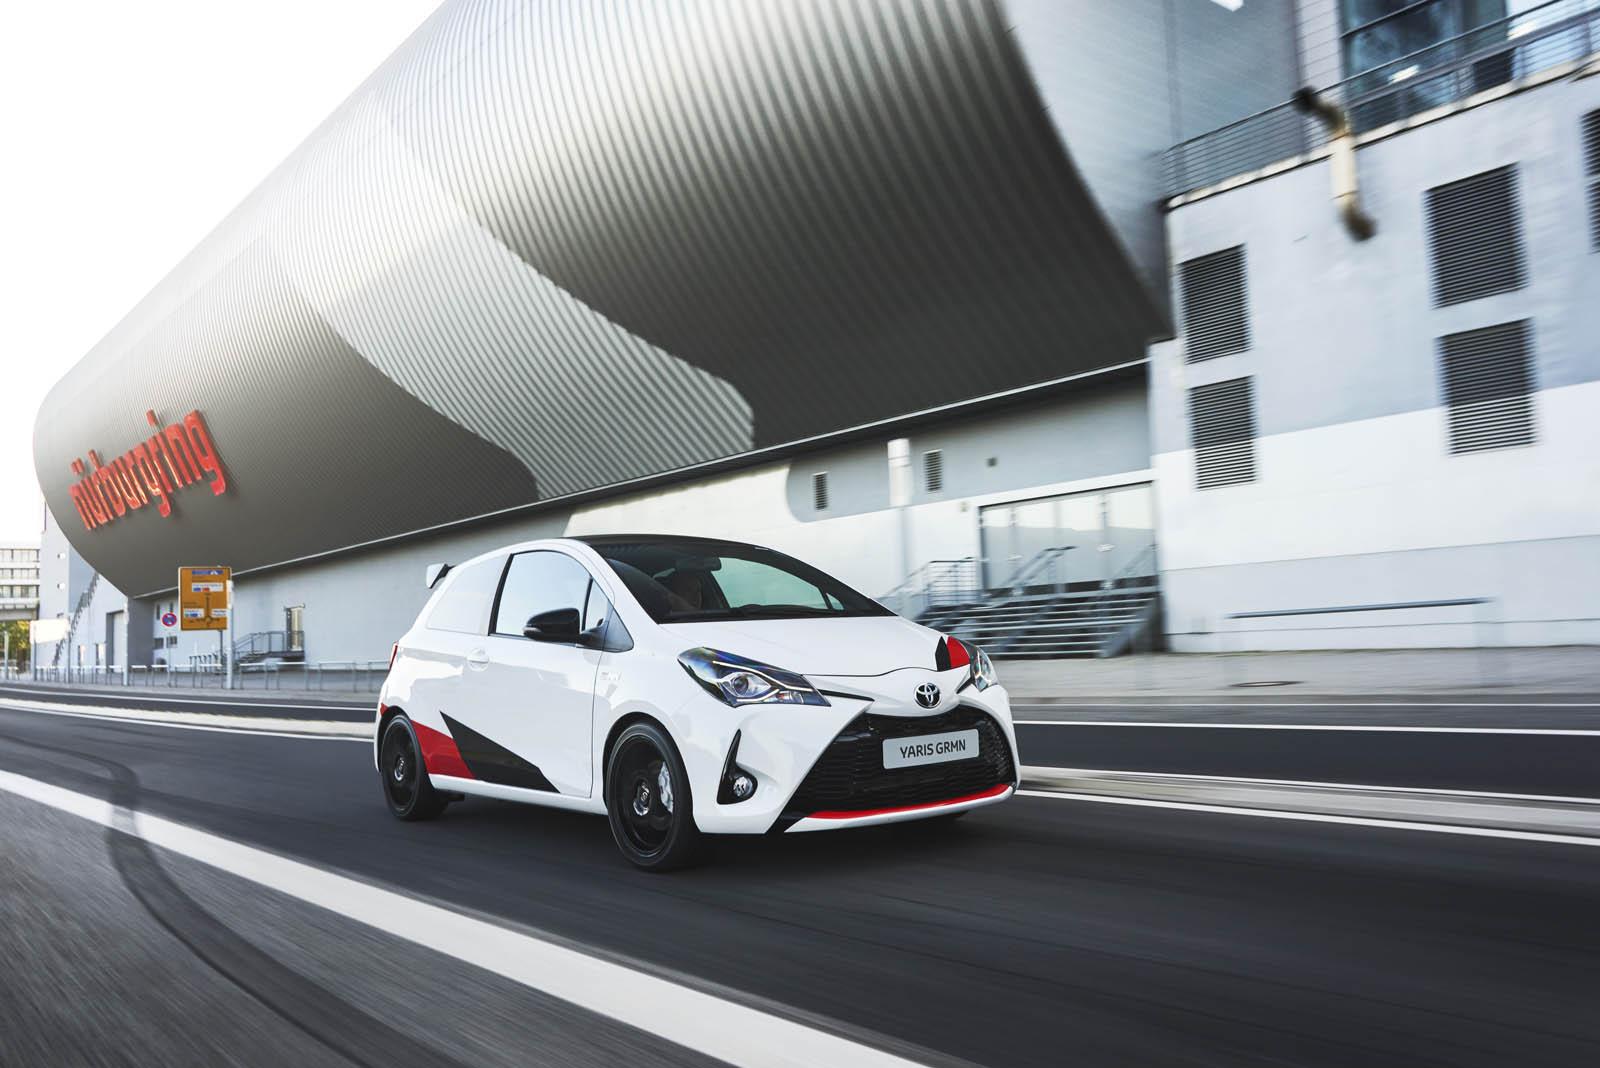 Toyota Yaris GRMN (9)